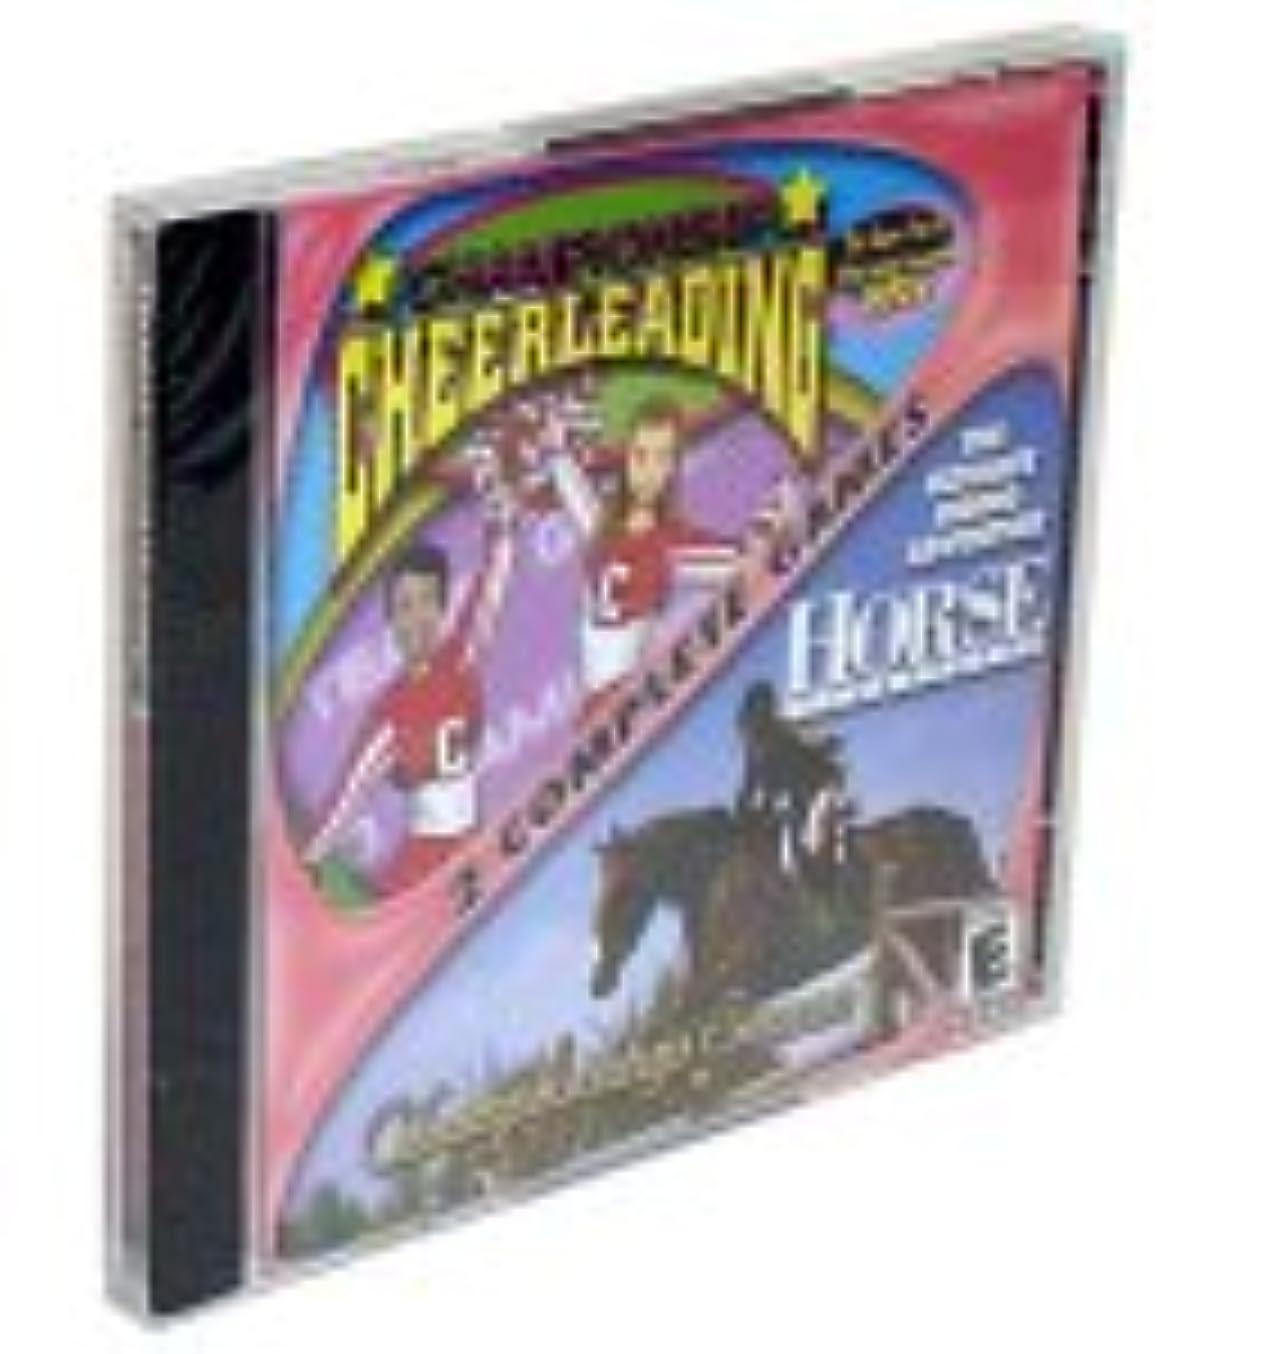 書店失業エンドテーブルHorse Illustrated / Championship Cheerleading (Jewel Case) (輸入版)